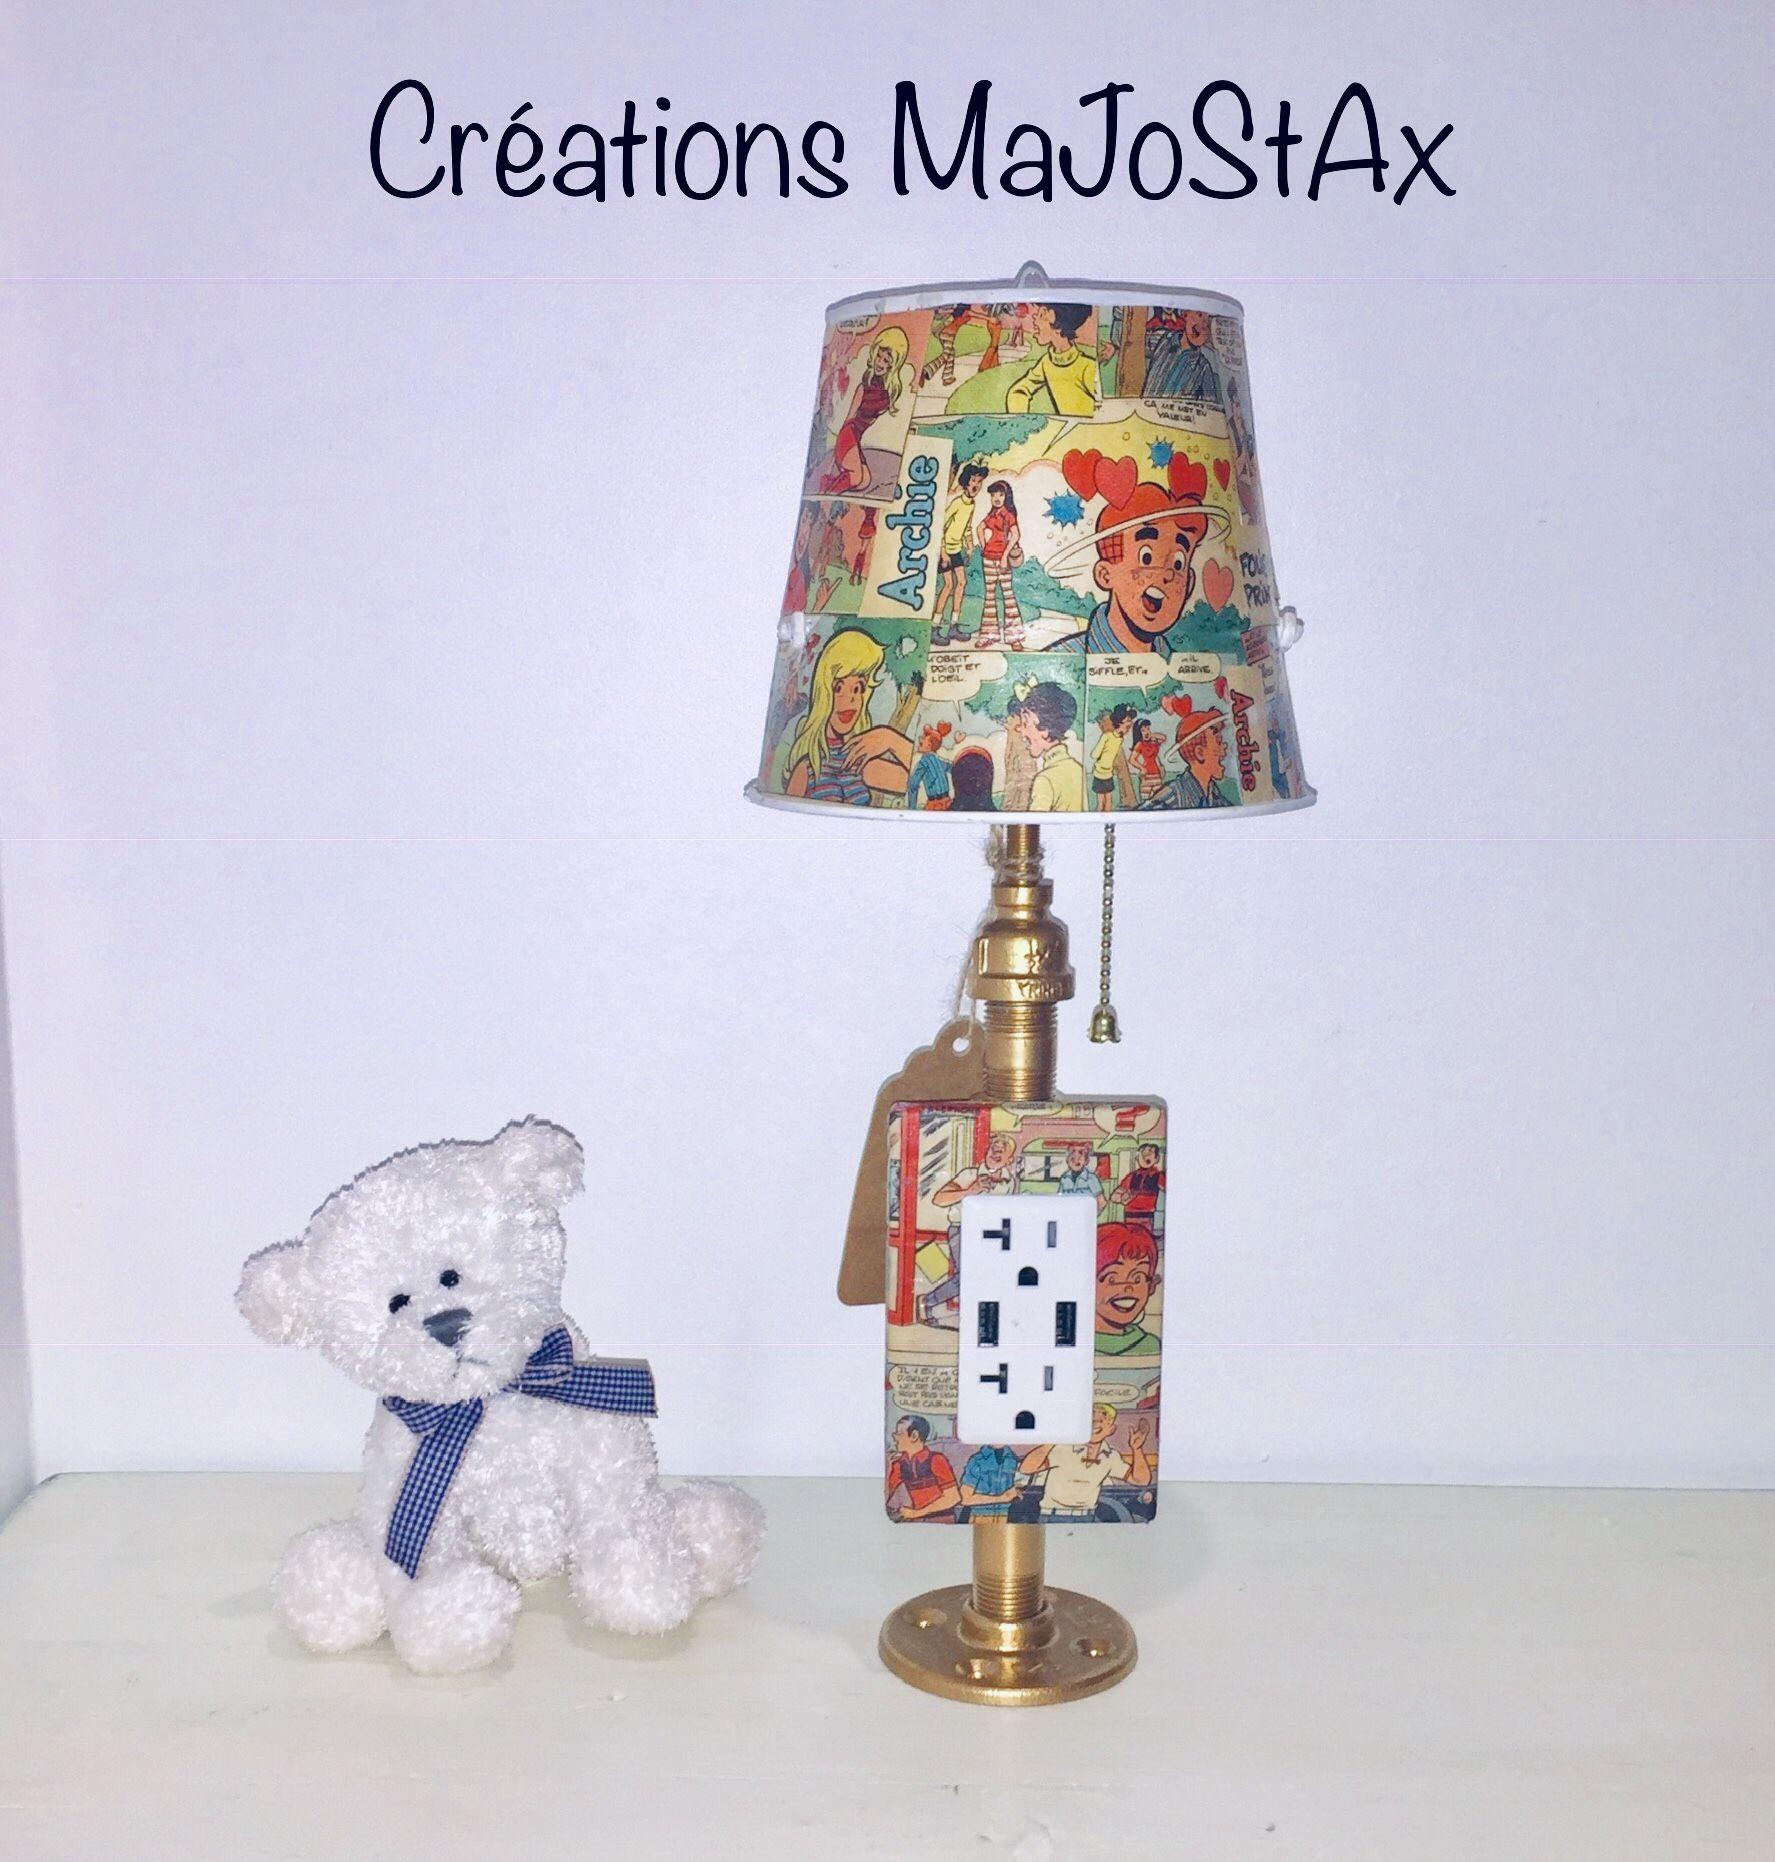 Chevet Lampe Superbe Usb Avec Chargeur Recouv De Nn0wmv8